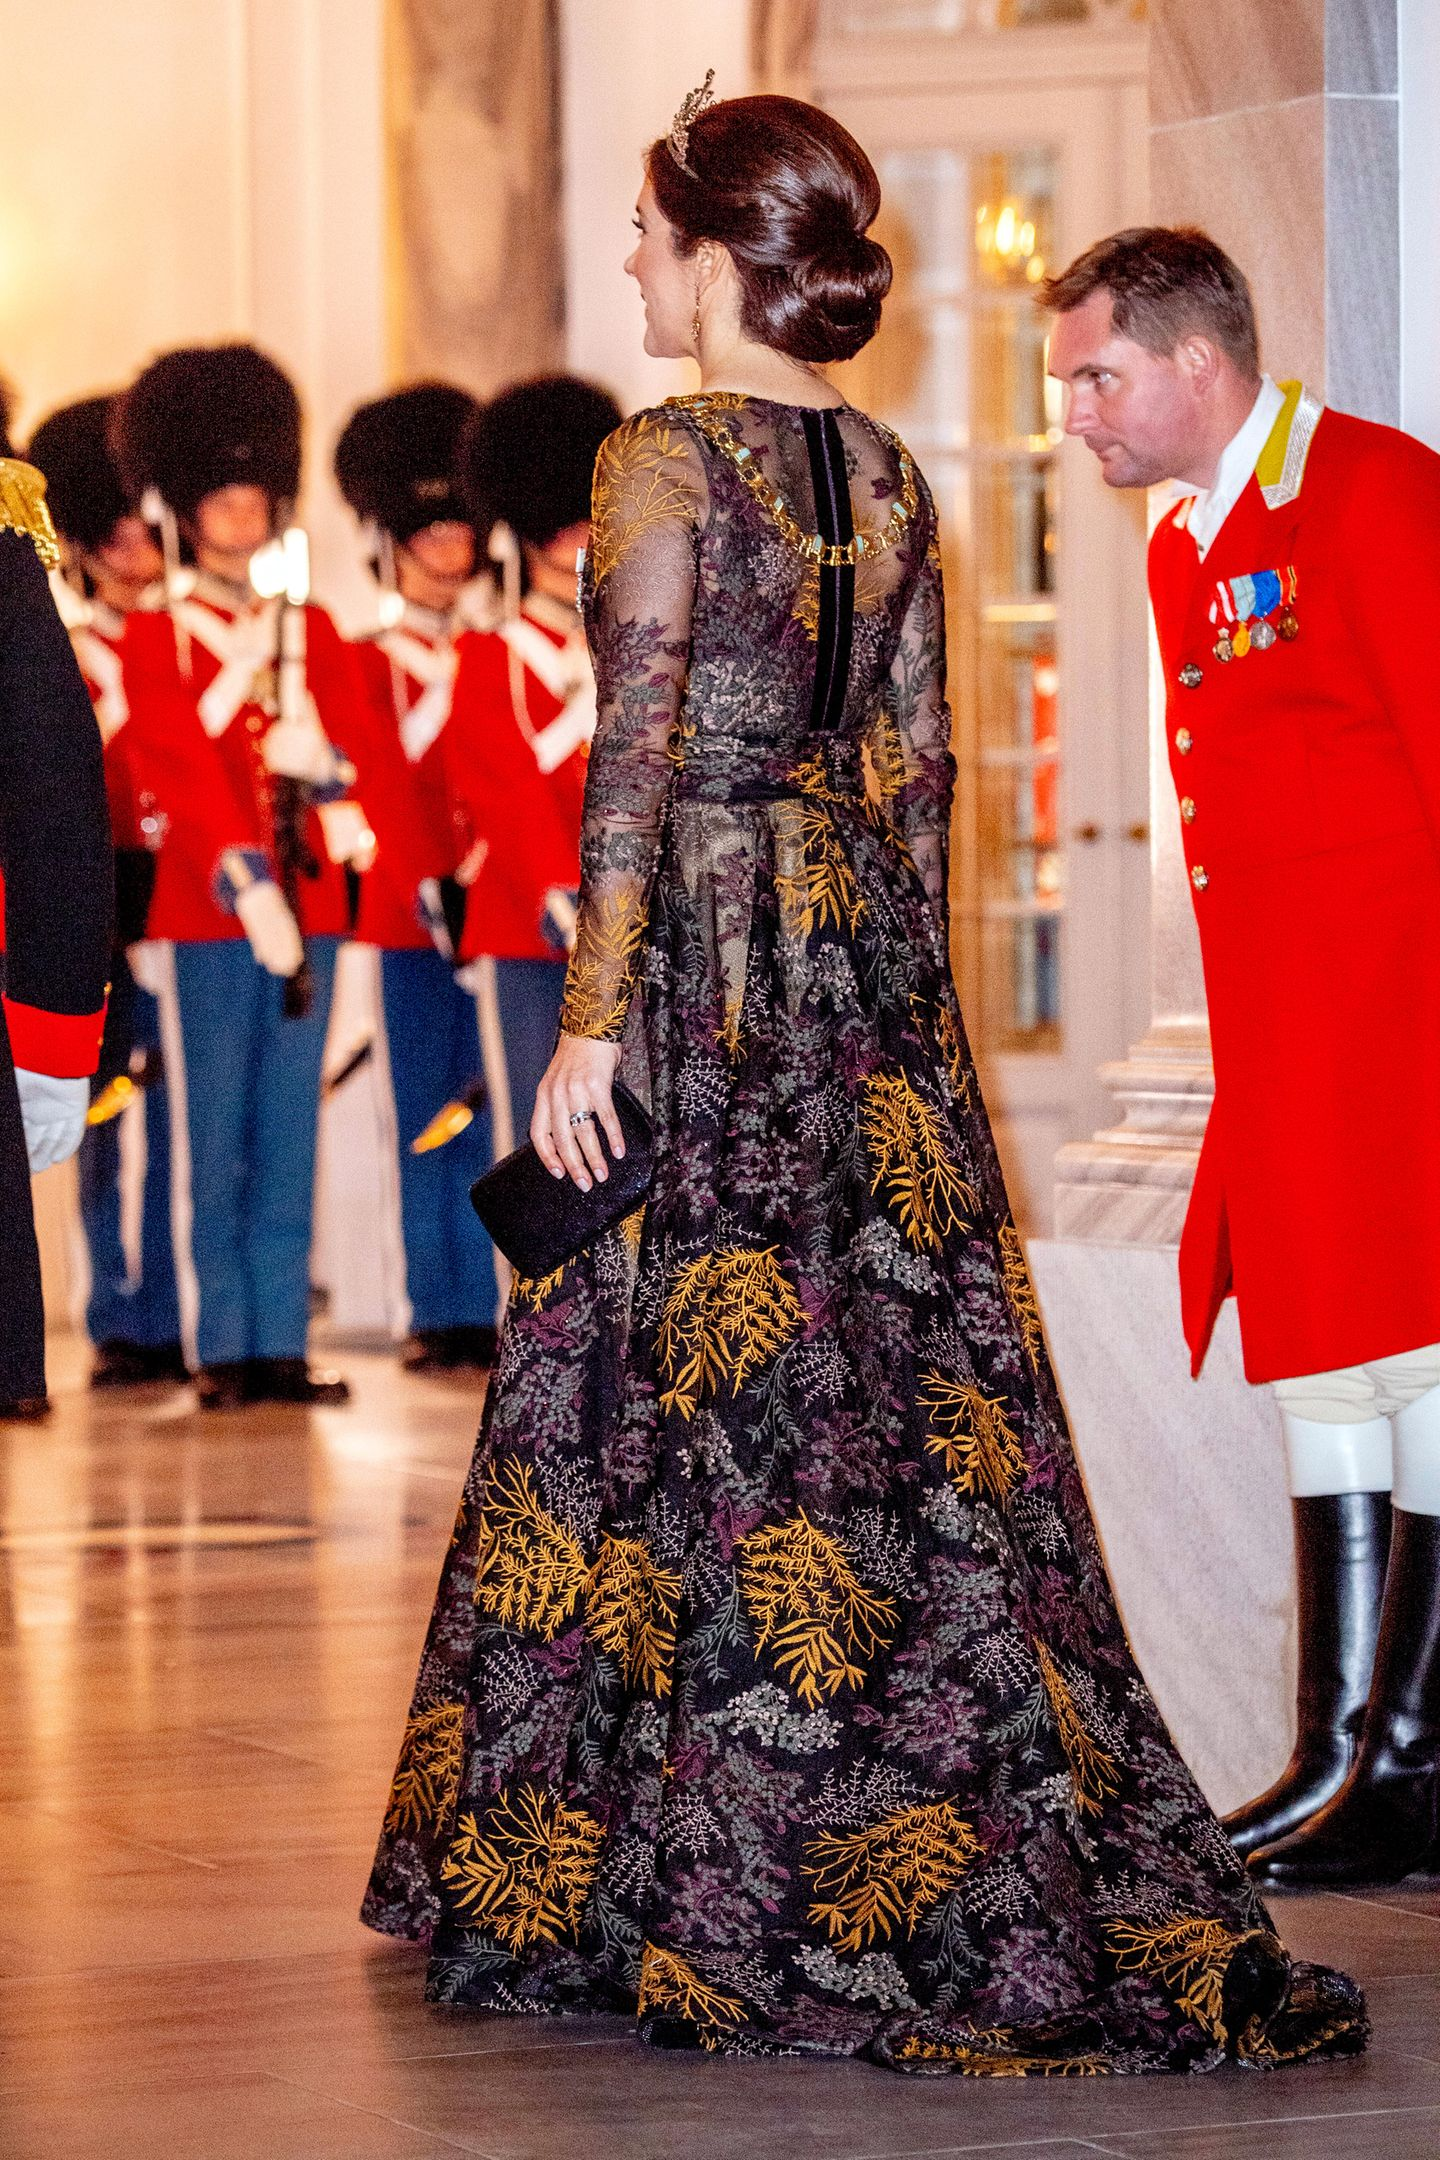 Damit die Tiara perfekt zur Geltung kommt, trägt Prinzessin Mary ihre Haare in einem eleganten Haarknoten und schreitet grazil zu den Gästen.